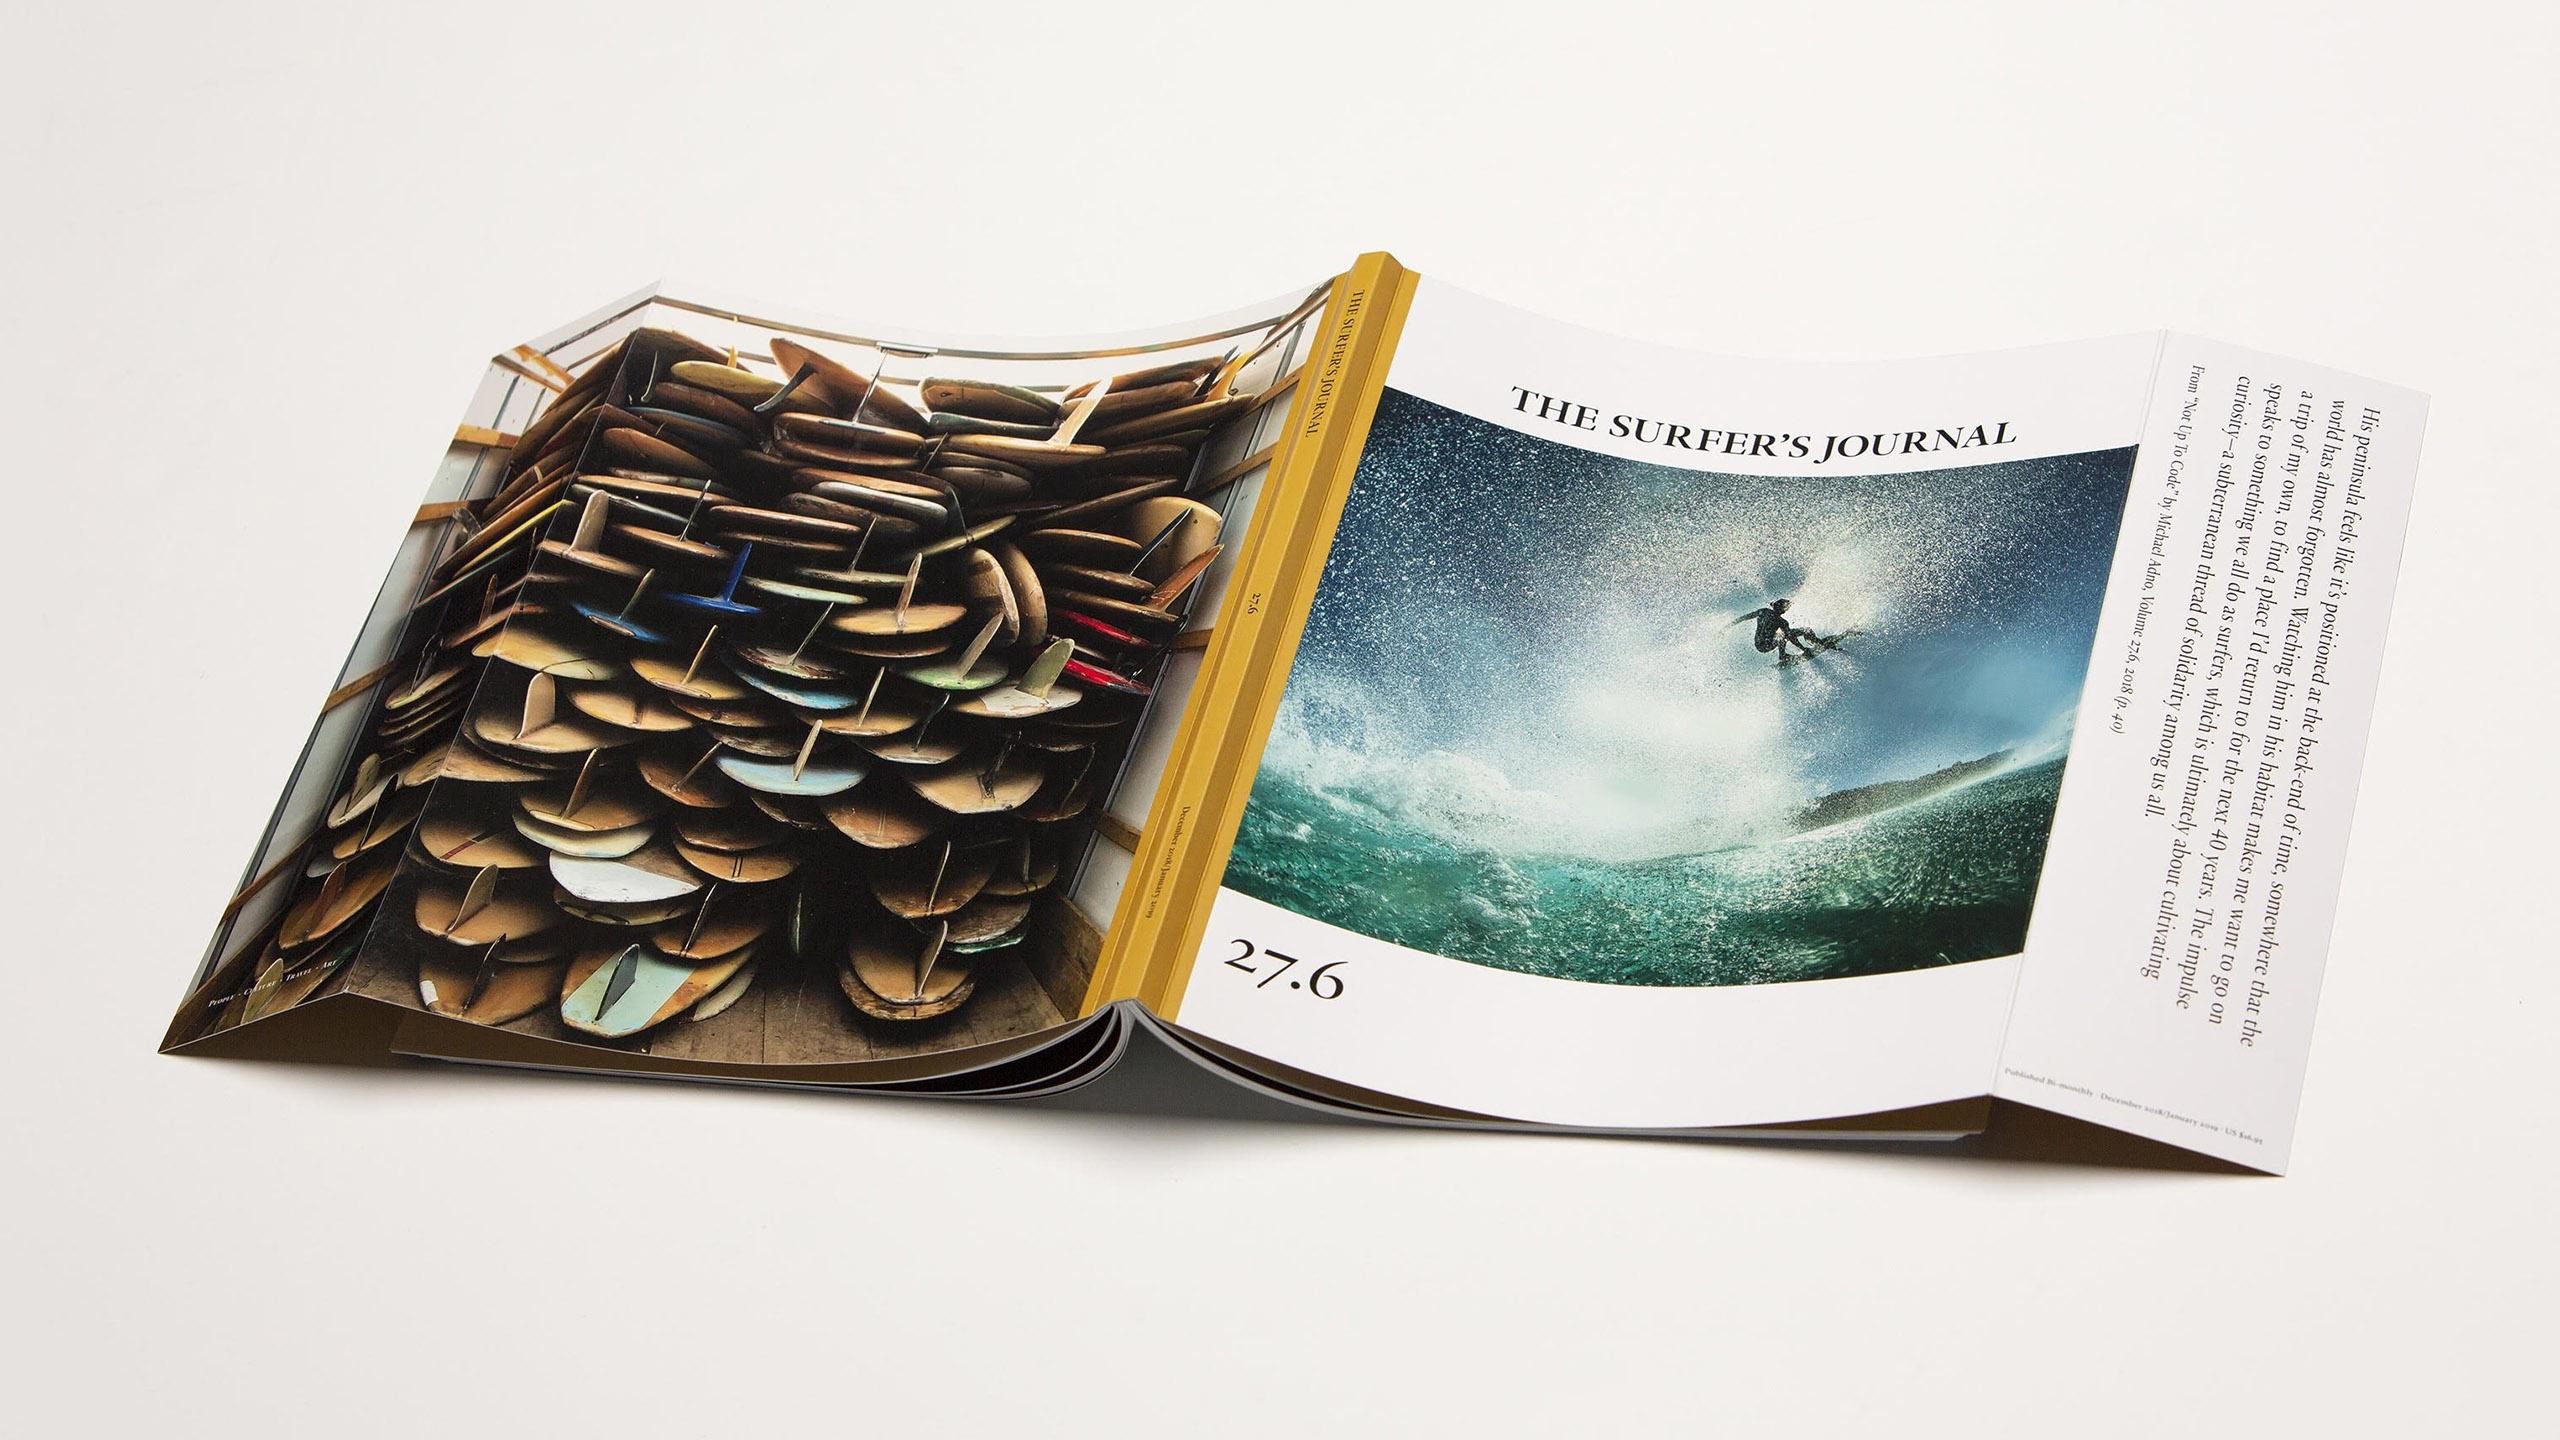 Une très belle photo prise à l'iPhone fait la couverture d'un magazine de surf 1